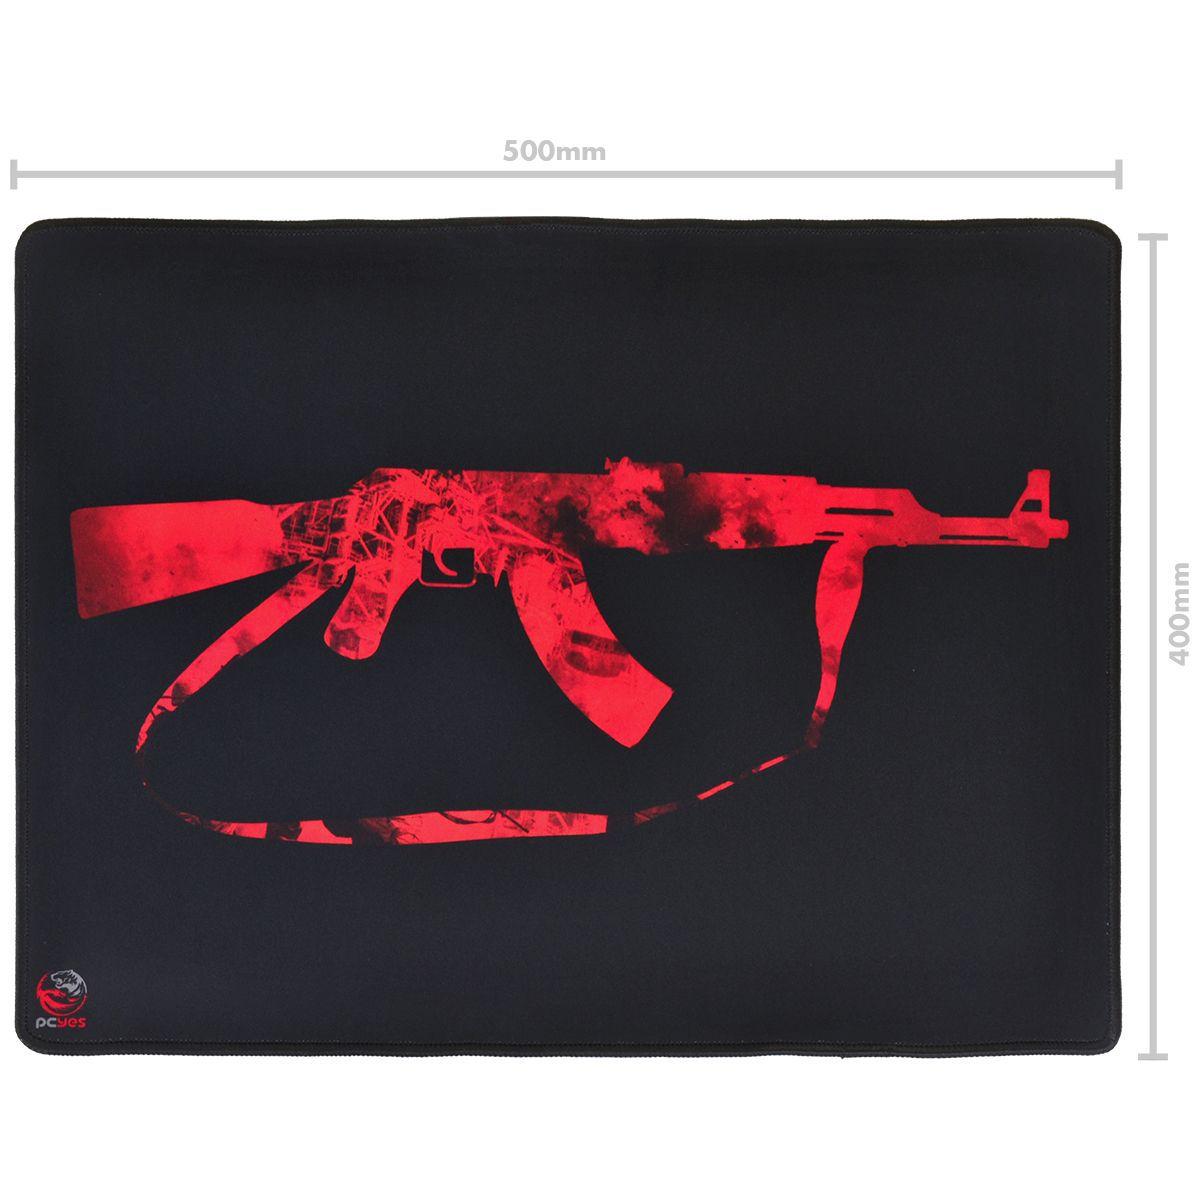 MOUSE PAD FPS AK47 500X400MM - FA50X40